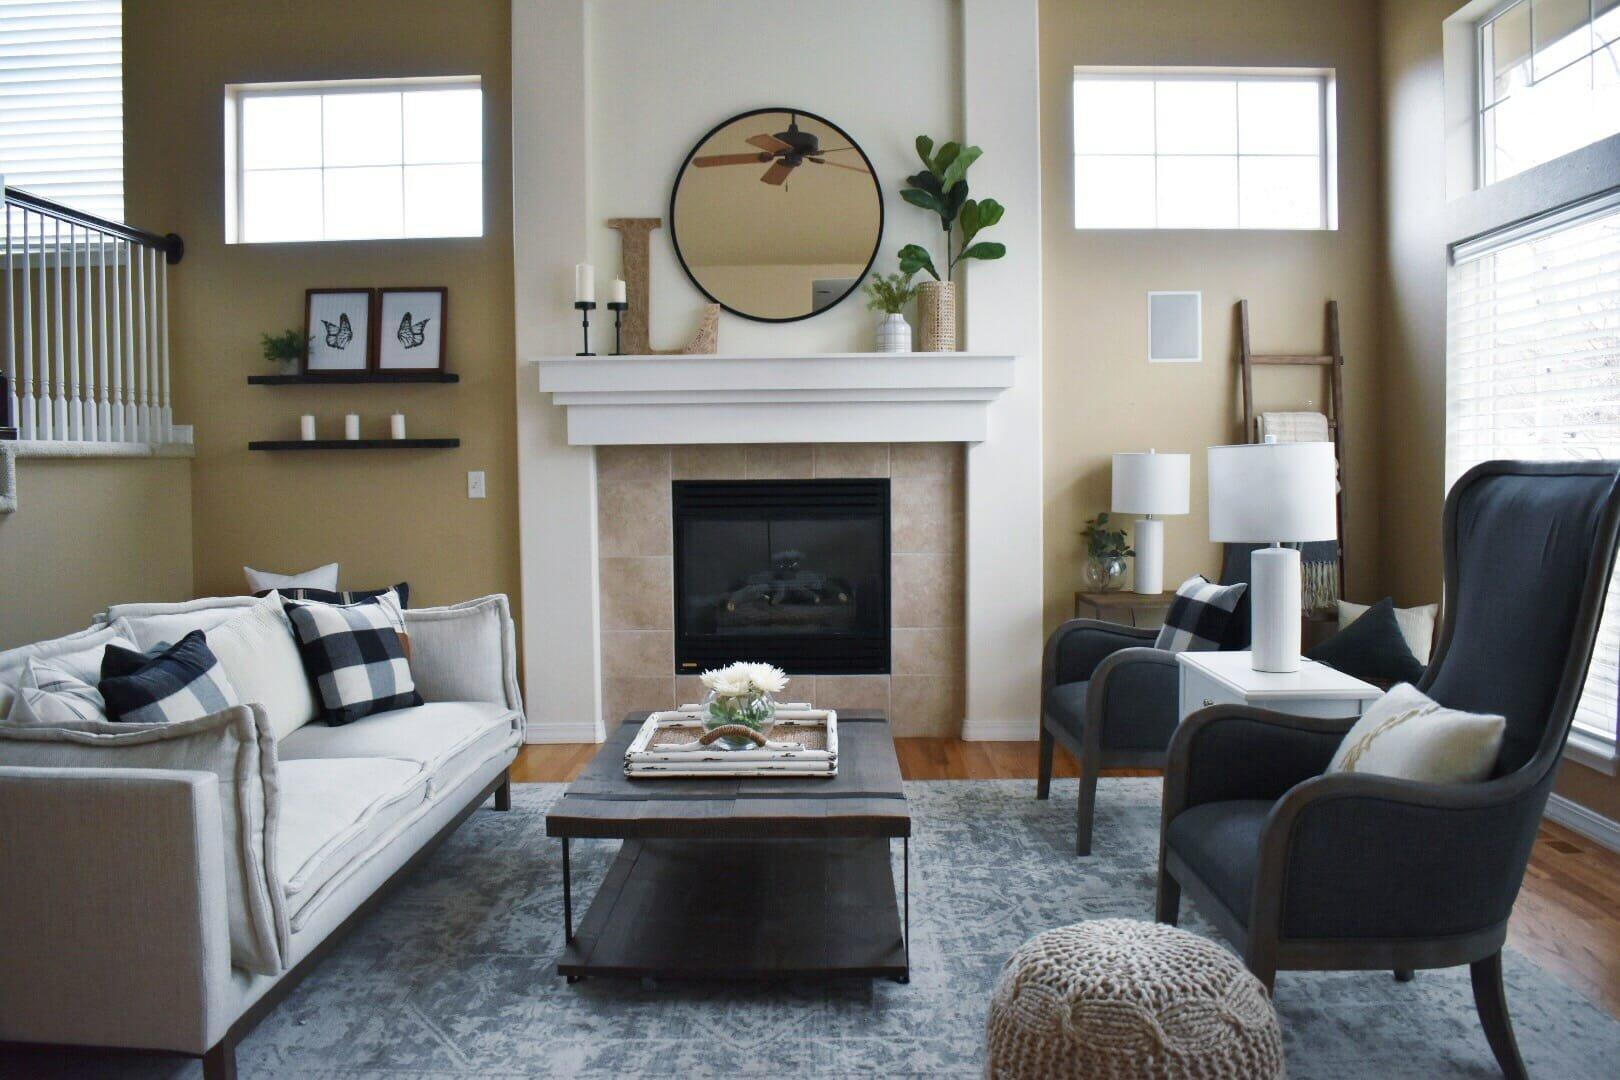 Traditional living room by top interior decorator colorado springs - alyssa H